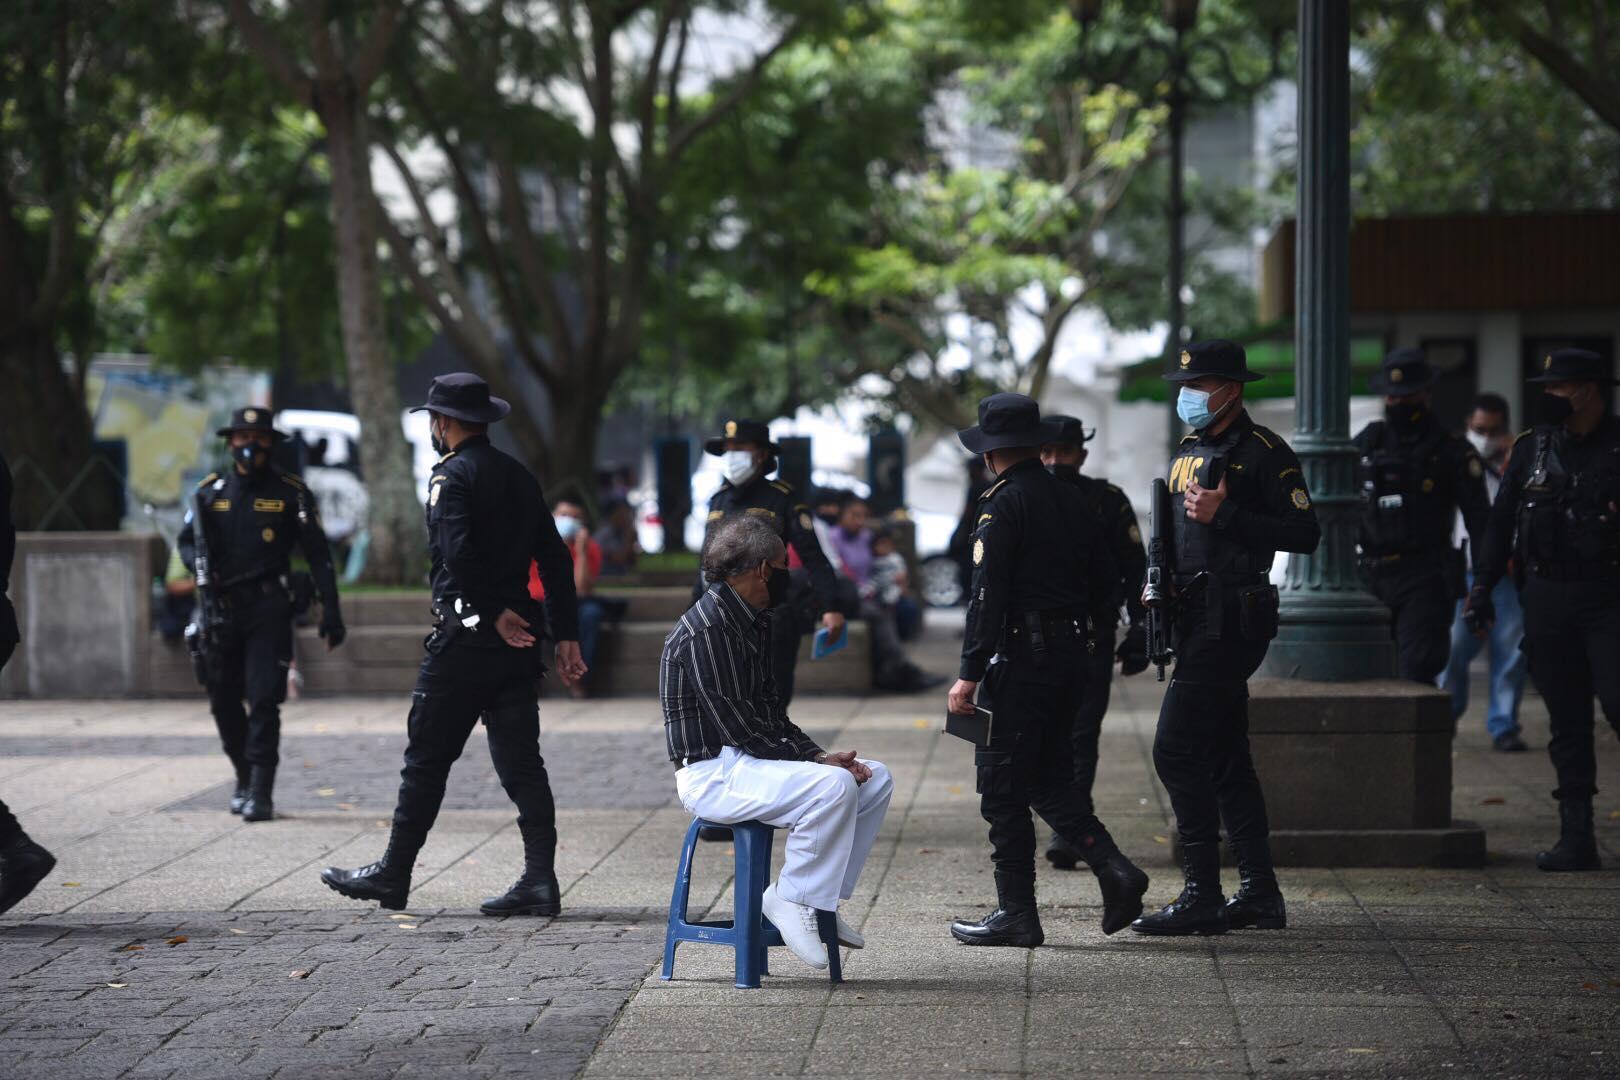 operativos en el parque central para expulsar a centroamericanos